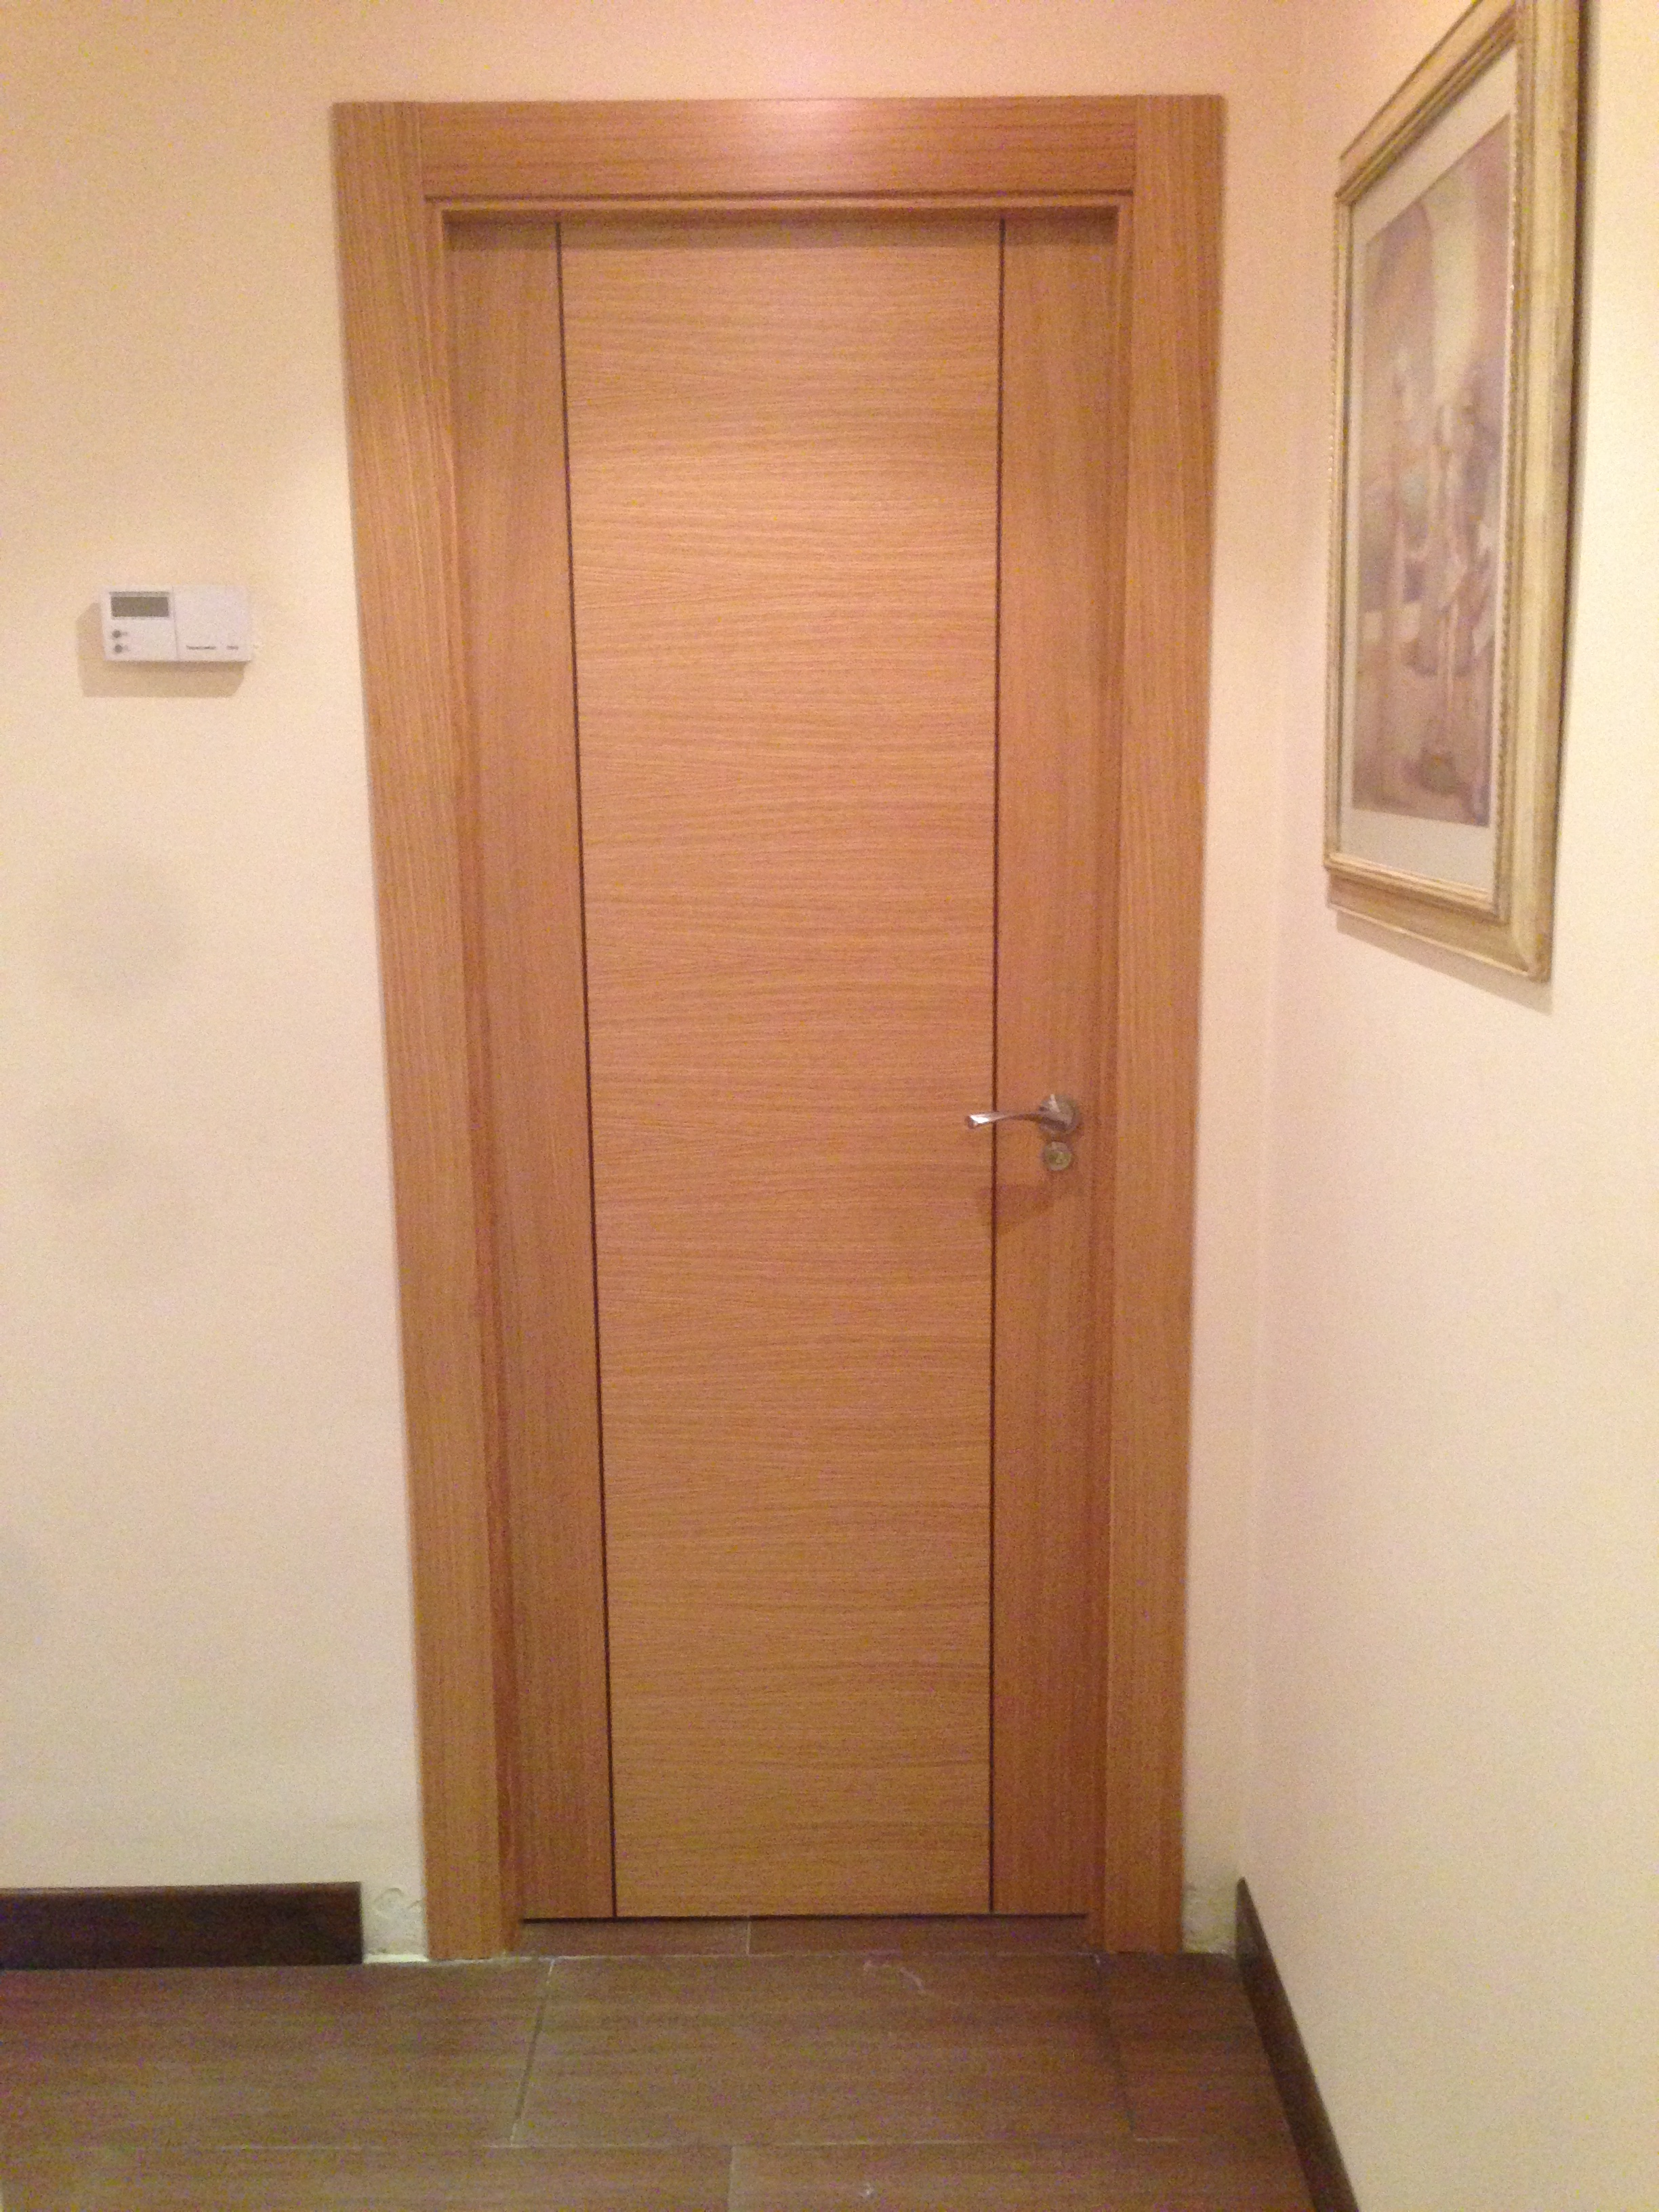 Puertas interior roble modernas greca oscura puertas - Puertas exteriores modernas ...